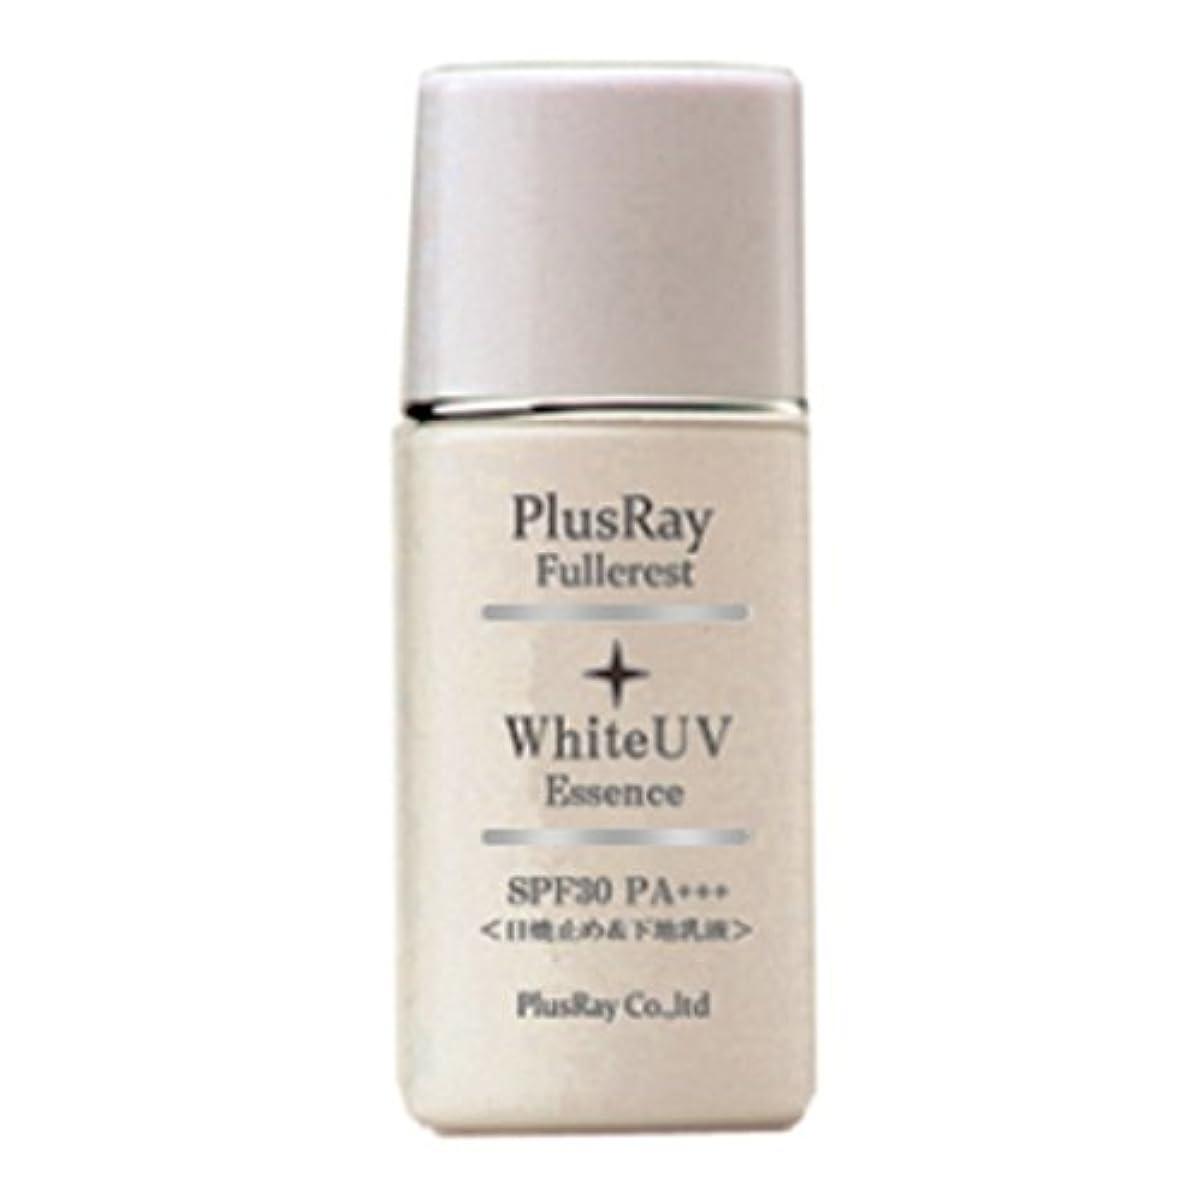 ハドル分類個人プラスレイ(PlusRay)化粧品 フラーレスト ホワイト UV エッセンス 化粧下地 紫外線対策 A波 B波 対応 乳液タイプ